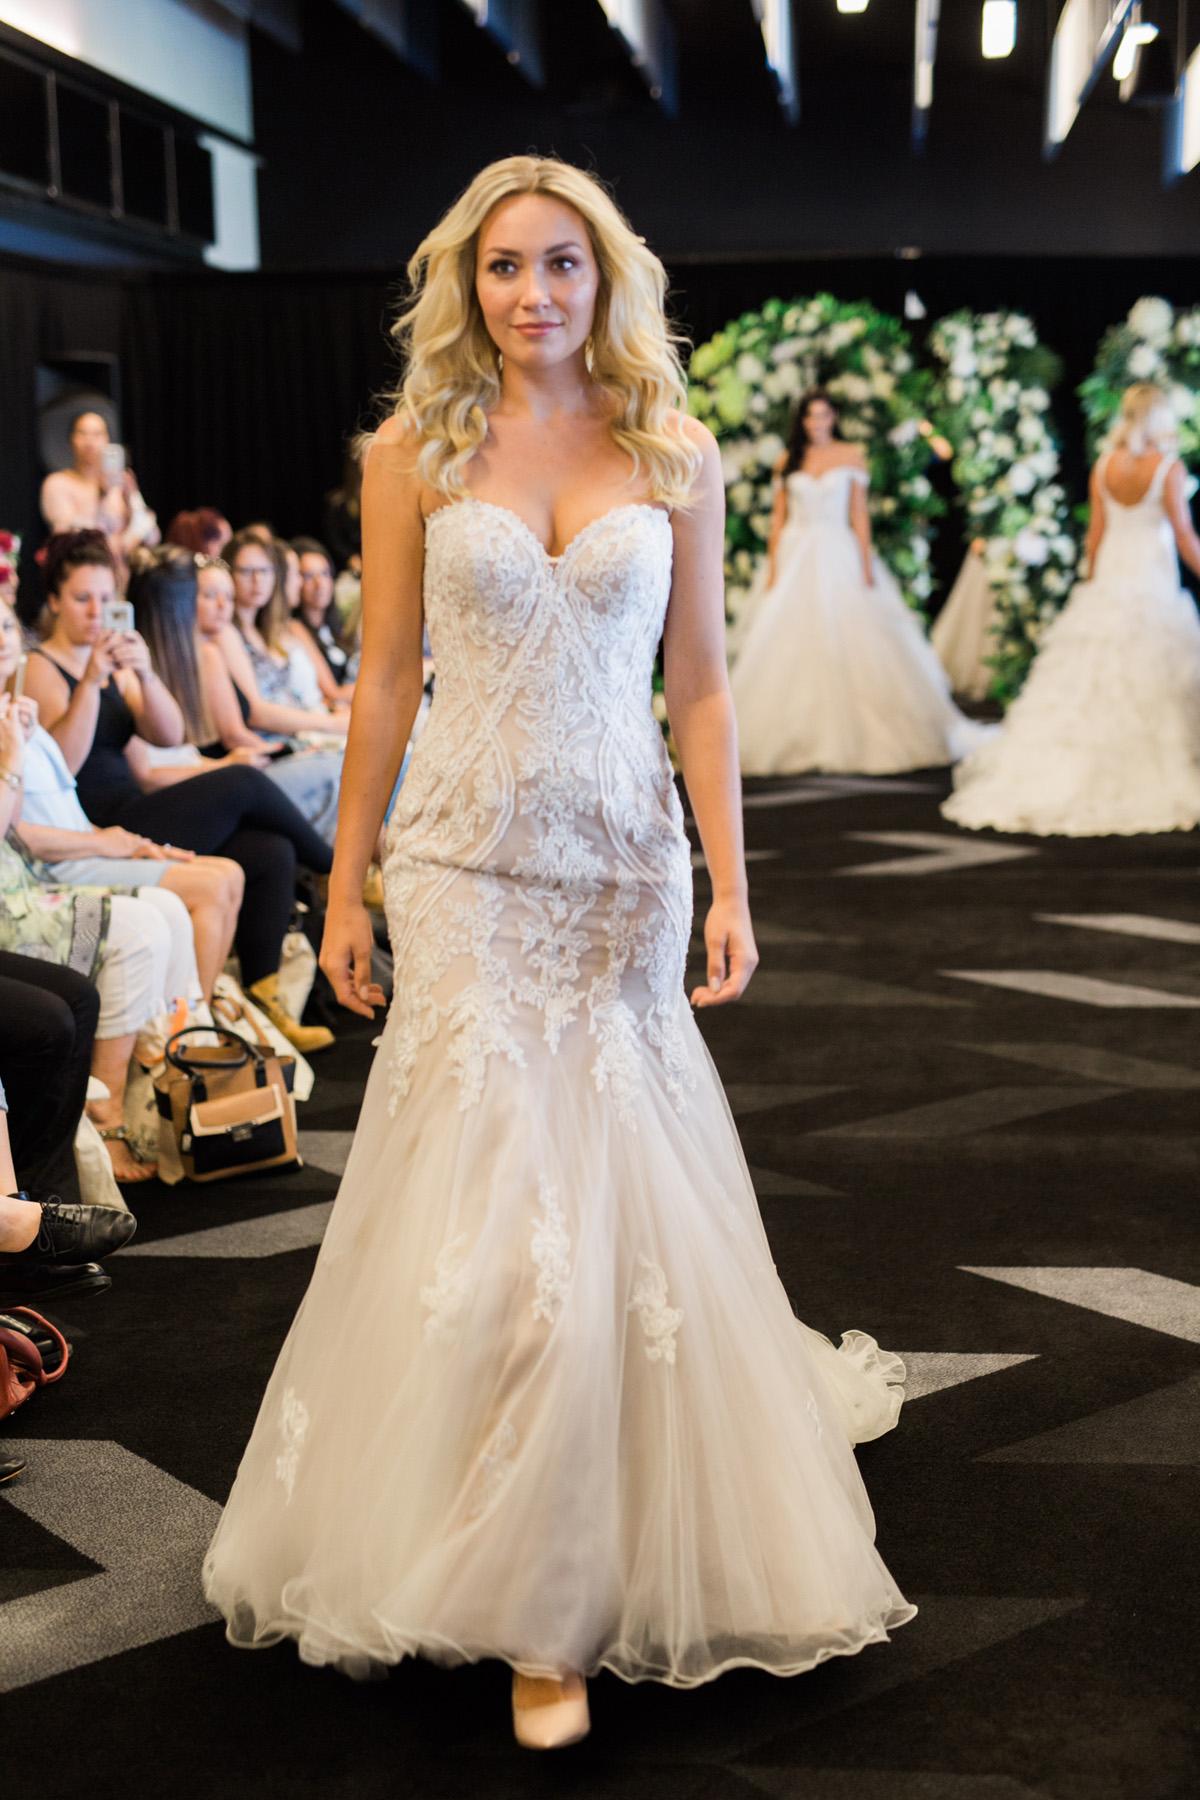 Love-Wedding-Festival-Sydney-Wedding-Gown-Jean-Fox-Bridal-5.jpg